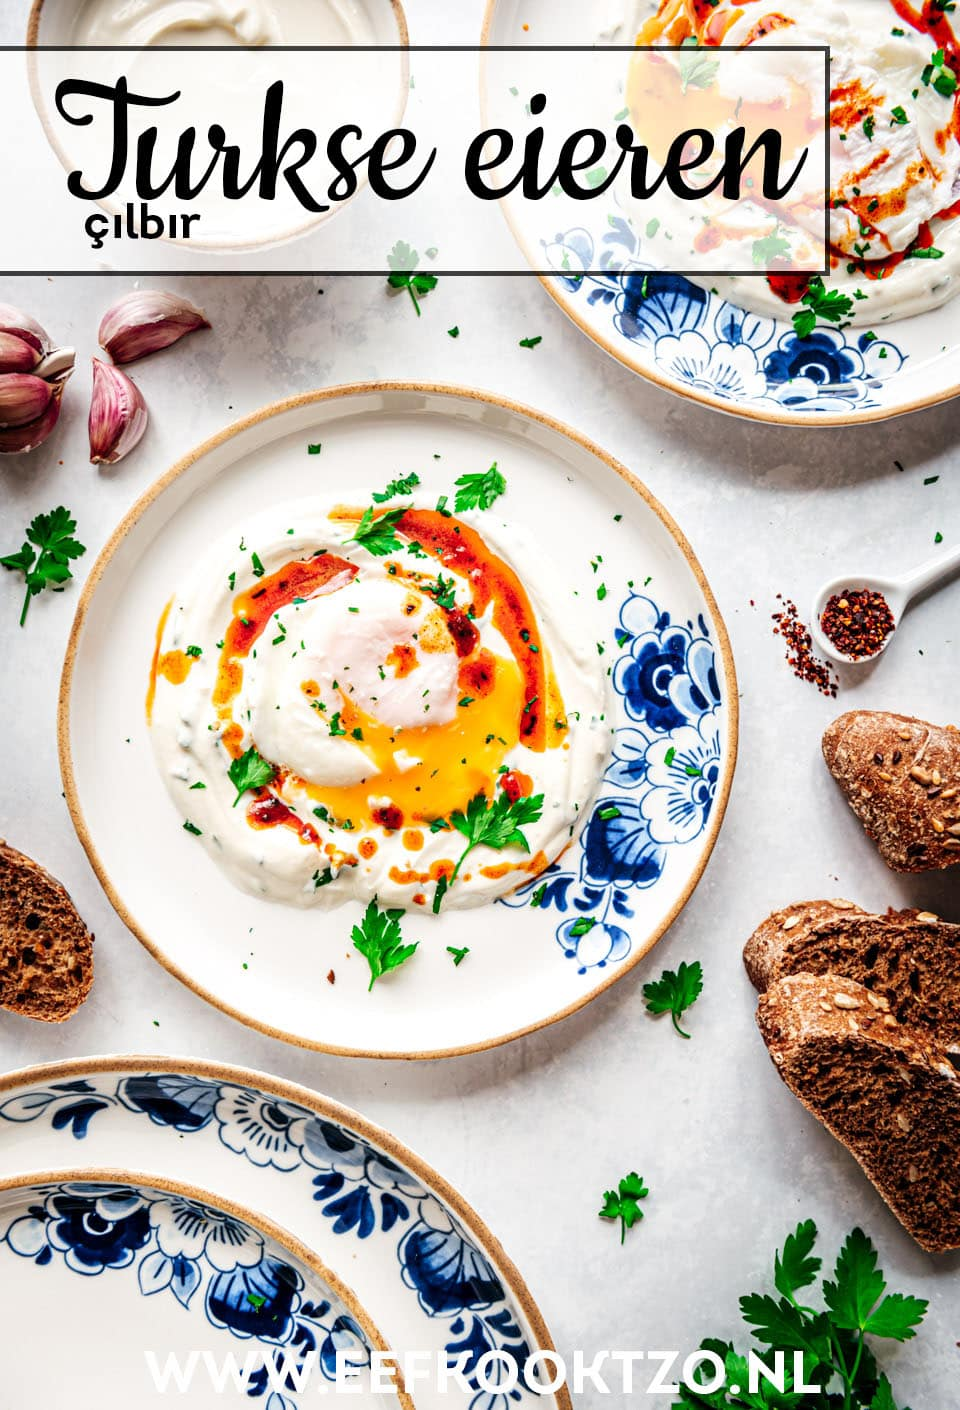 Turkse eieren Pinterest Collage 2